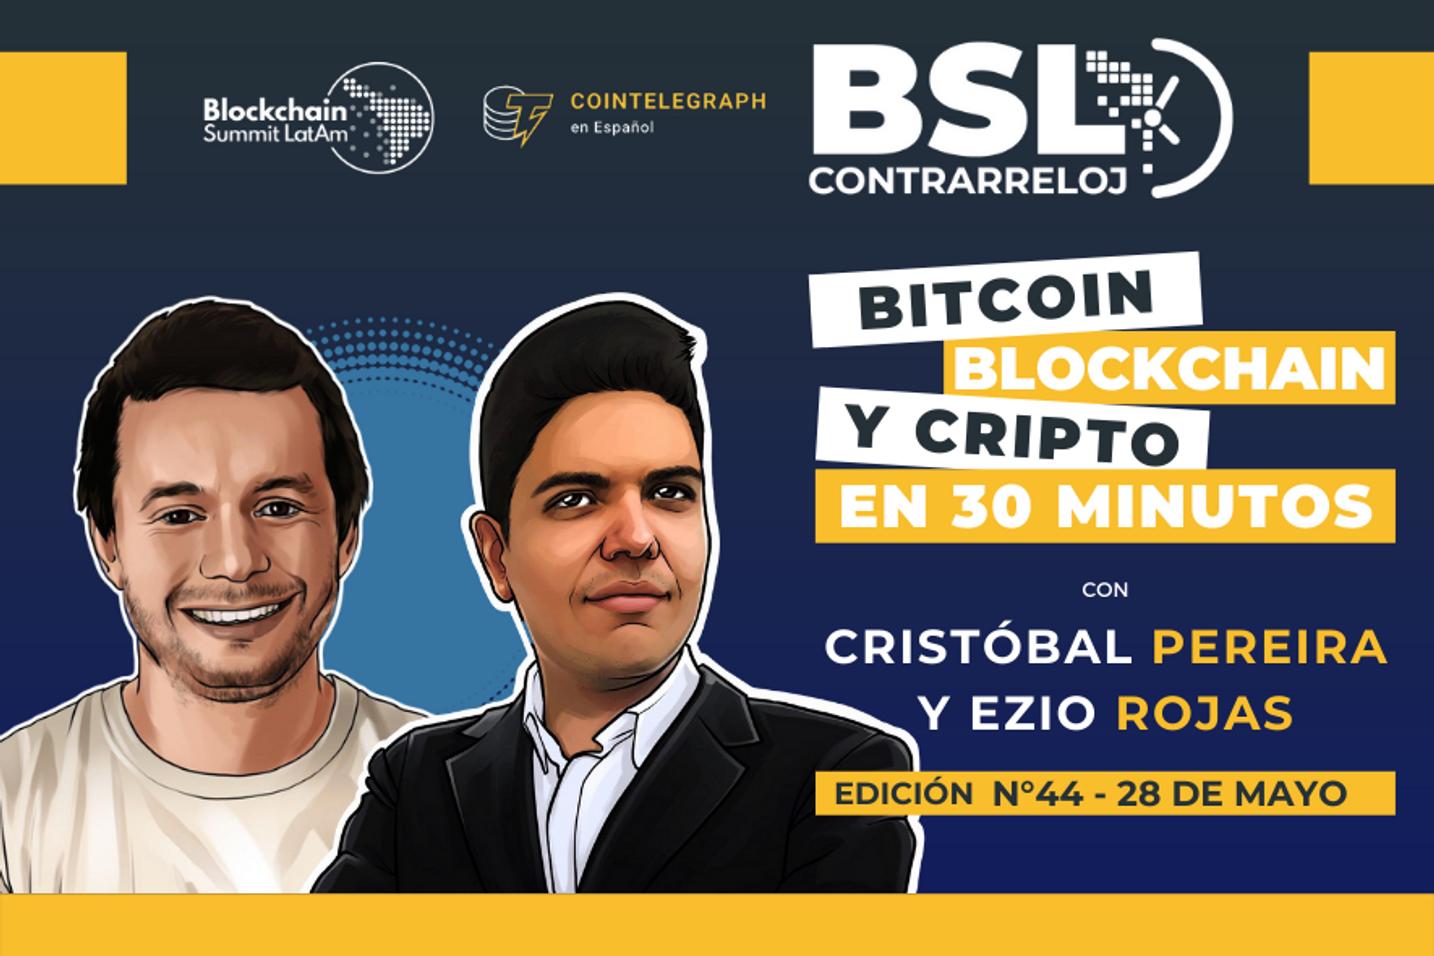 Bitcoin Mining Council, Ray Dalio y Carl Icahn entrando a Bitcoin y mucho más. Un resumen de las criptonoticias más importantes de la semana